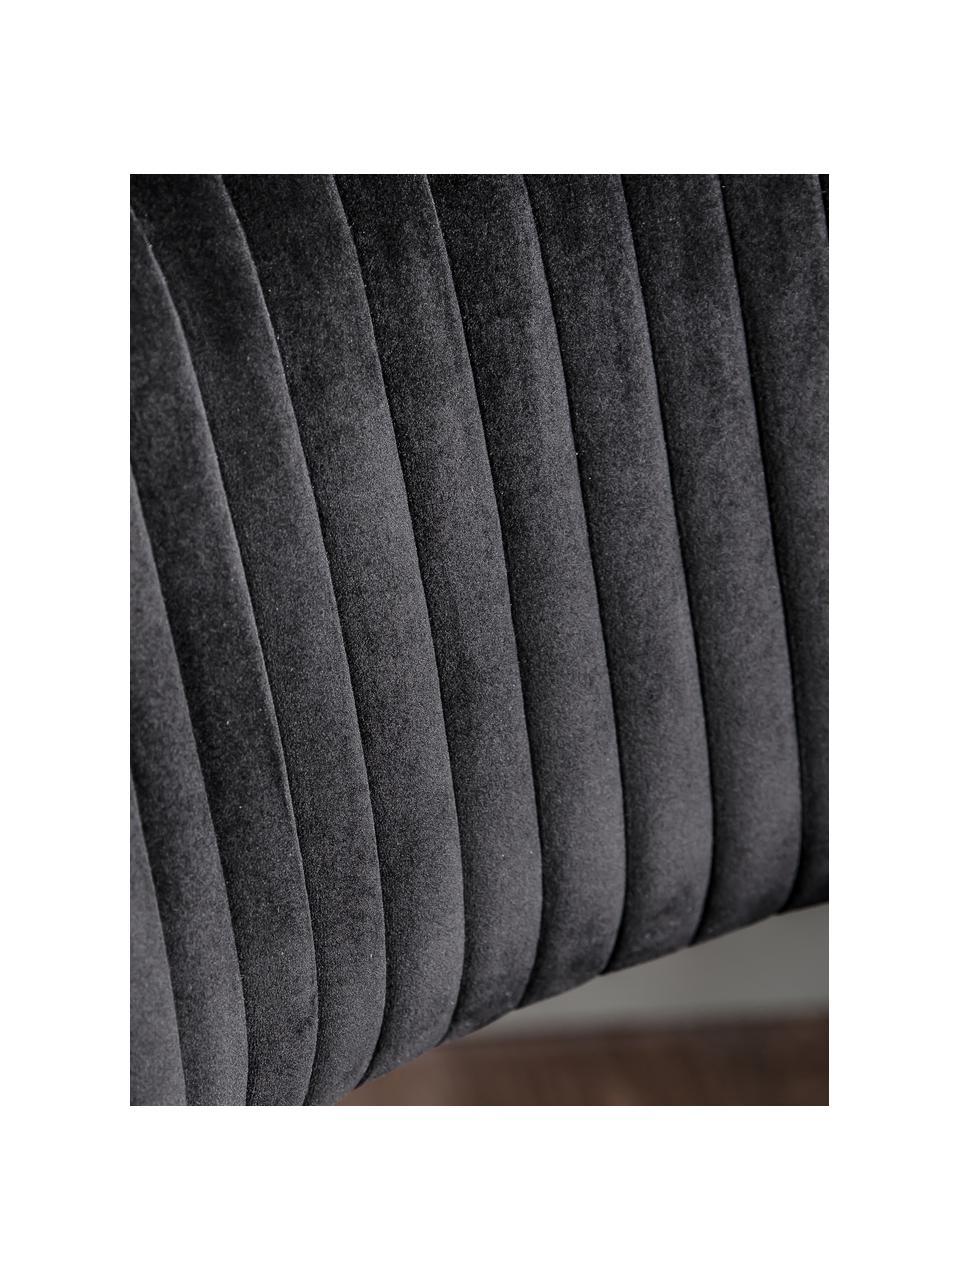 Samt-Bürodrehstuhl Murray, höhenverstellbar, Bezug: Polyestersamt, Beine: Metall, galvanisiert, Rollen: Kunststoff (Nylon), Schwarz, B 56 x T 52 cm